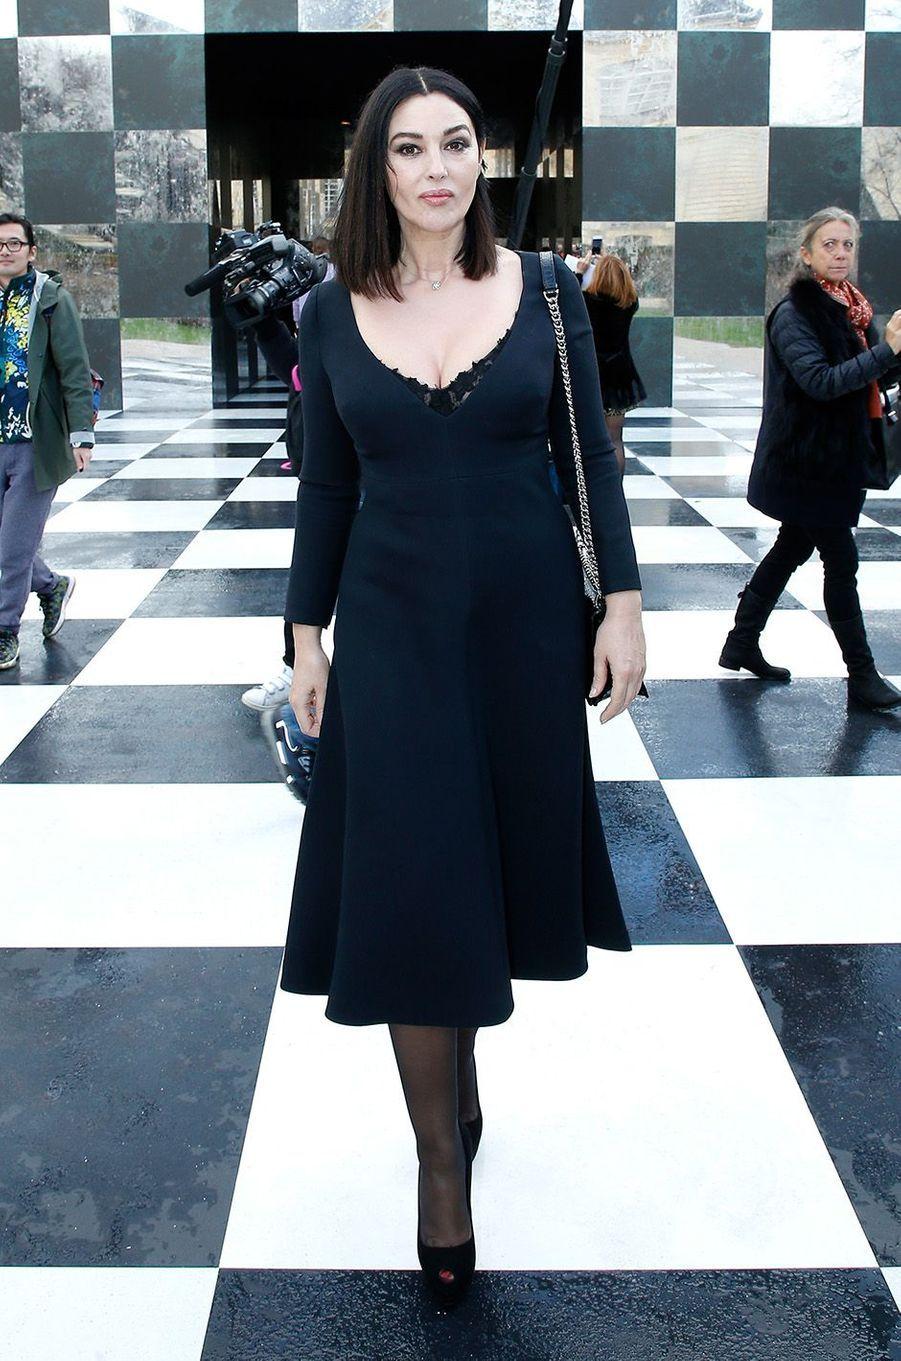 Monica Bellucciau défilé Christian Dior au musée Rodin, à Paris, le 22 janvier 2018.